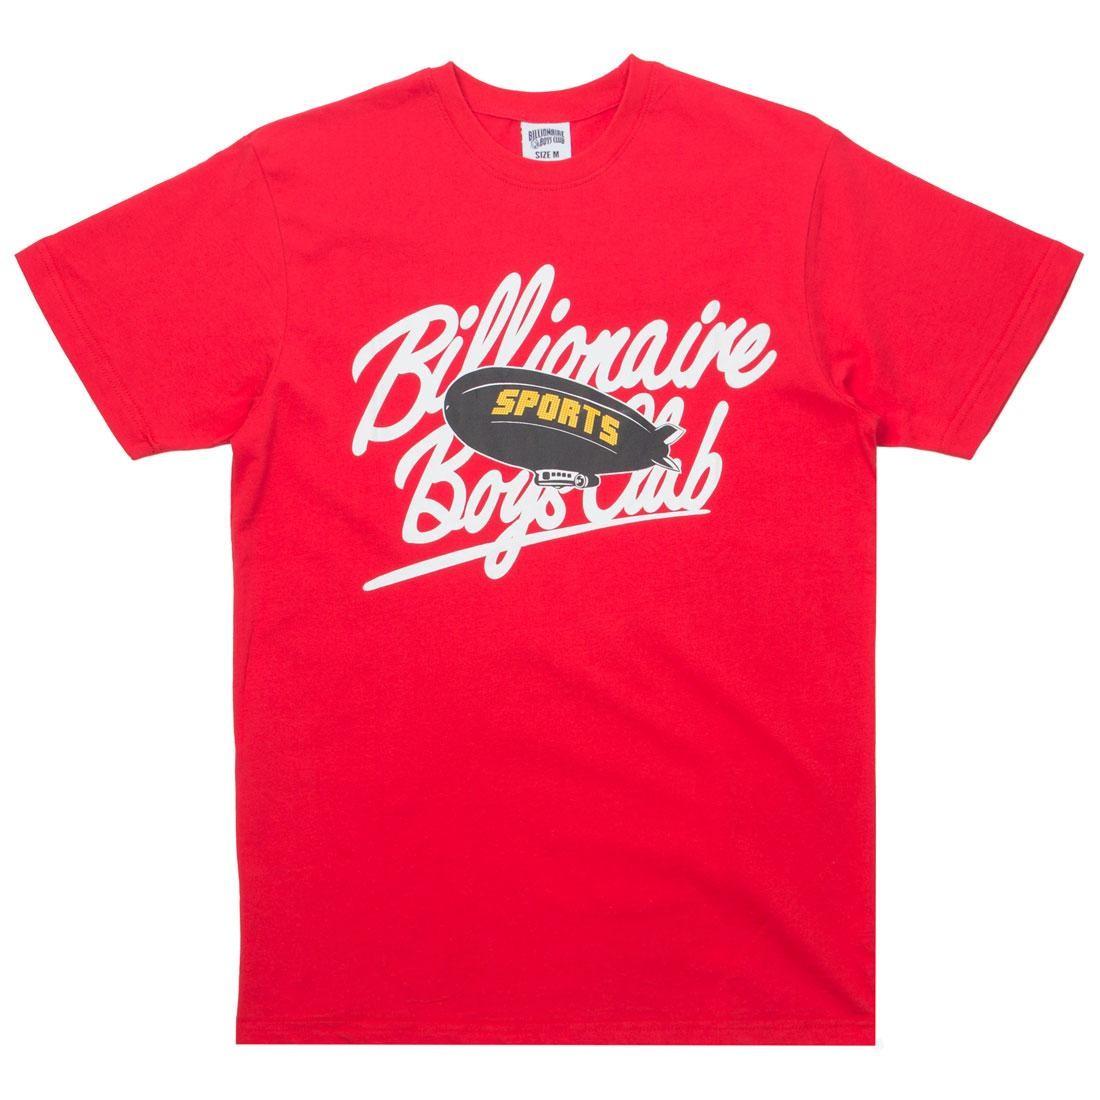 ビリオネアボーイズクラブ BILLIONAIRE BOYS CLUB Tシャツ メンズファッション トップス カットソー ジュニア キッズ 【 Men Sports Tee (red) 】 Red